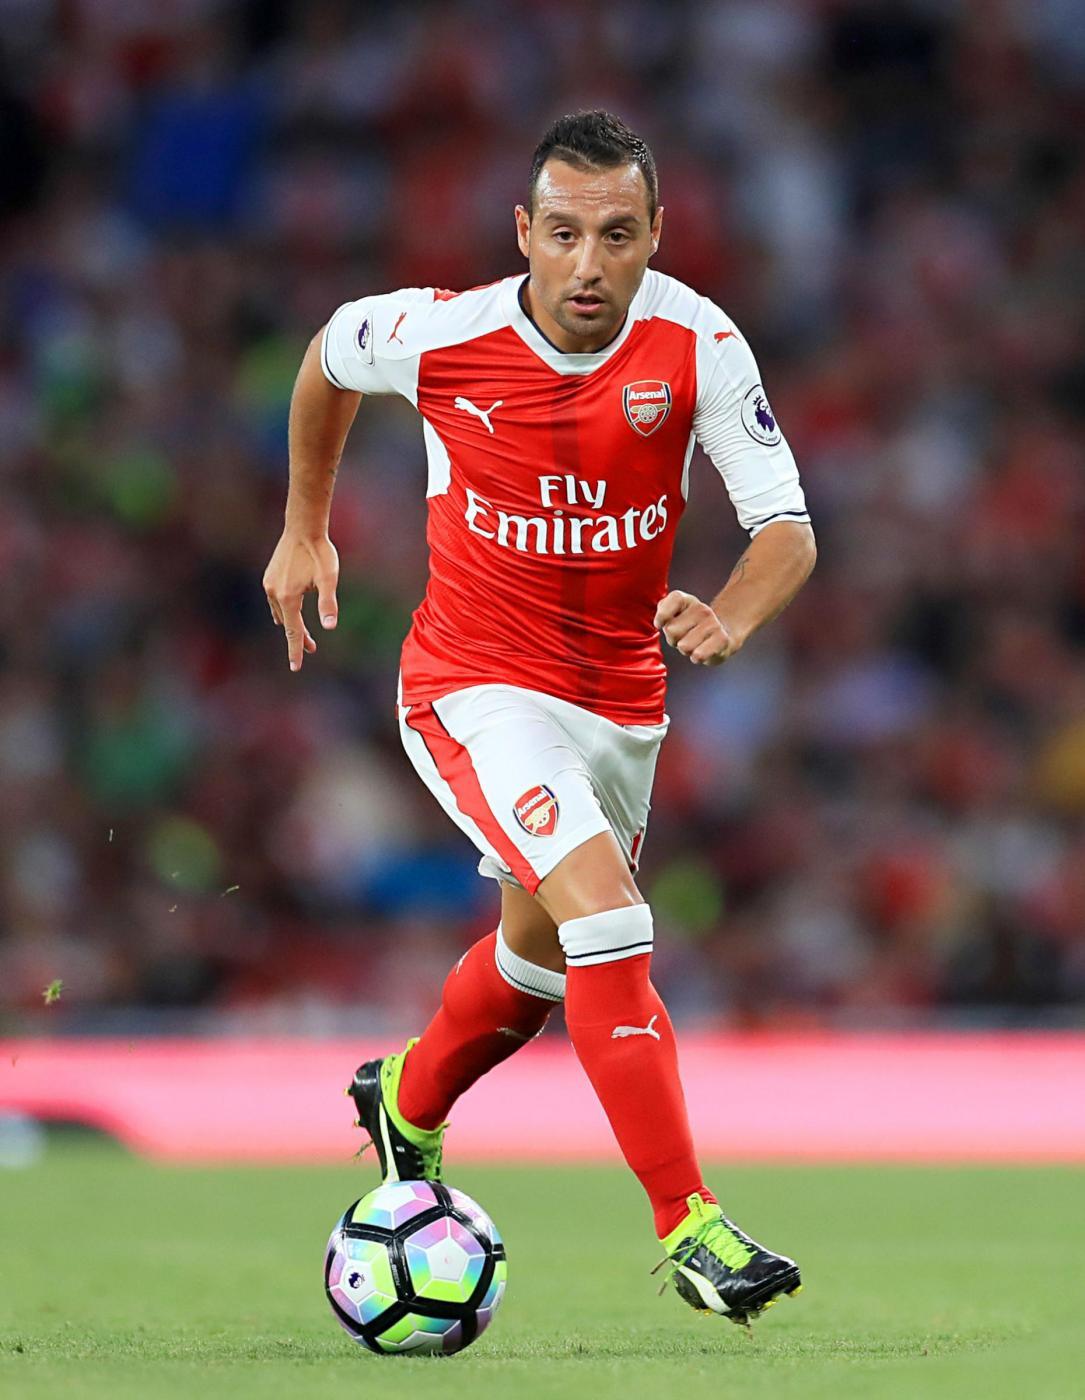 Arsenal, incubo infinito per Cazorla: nuova operazione. Rientro slittato